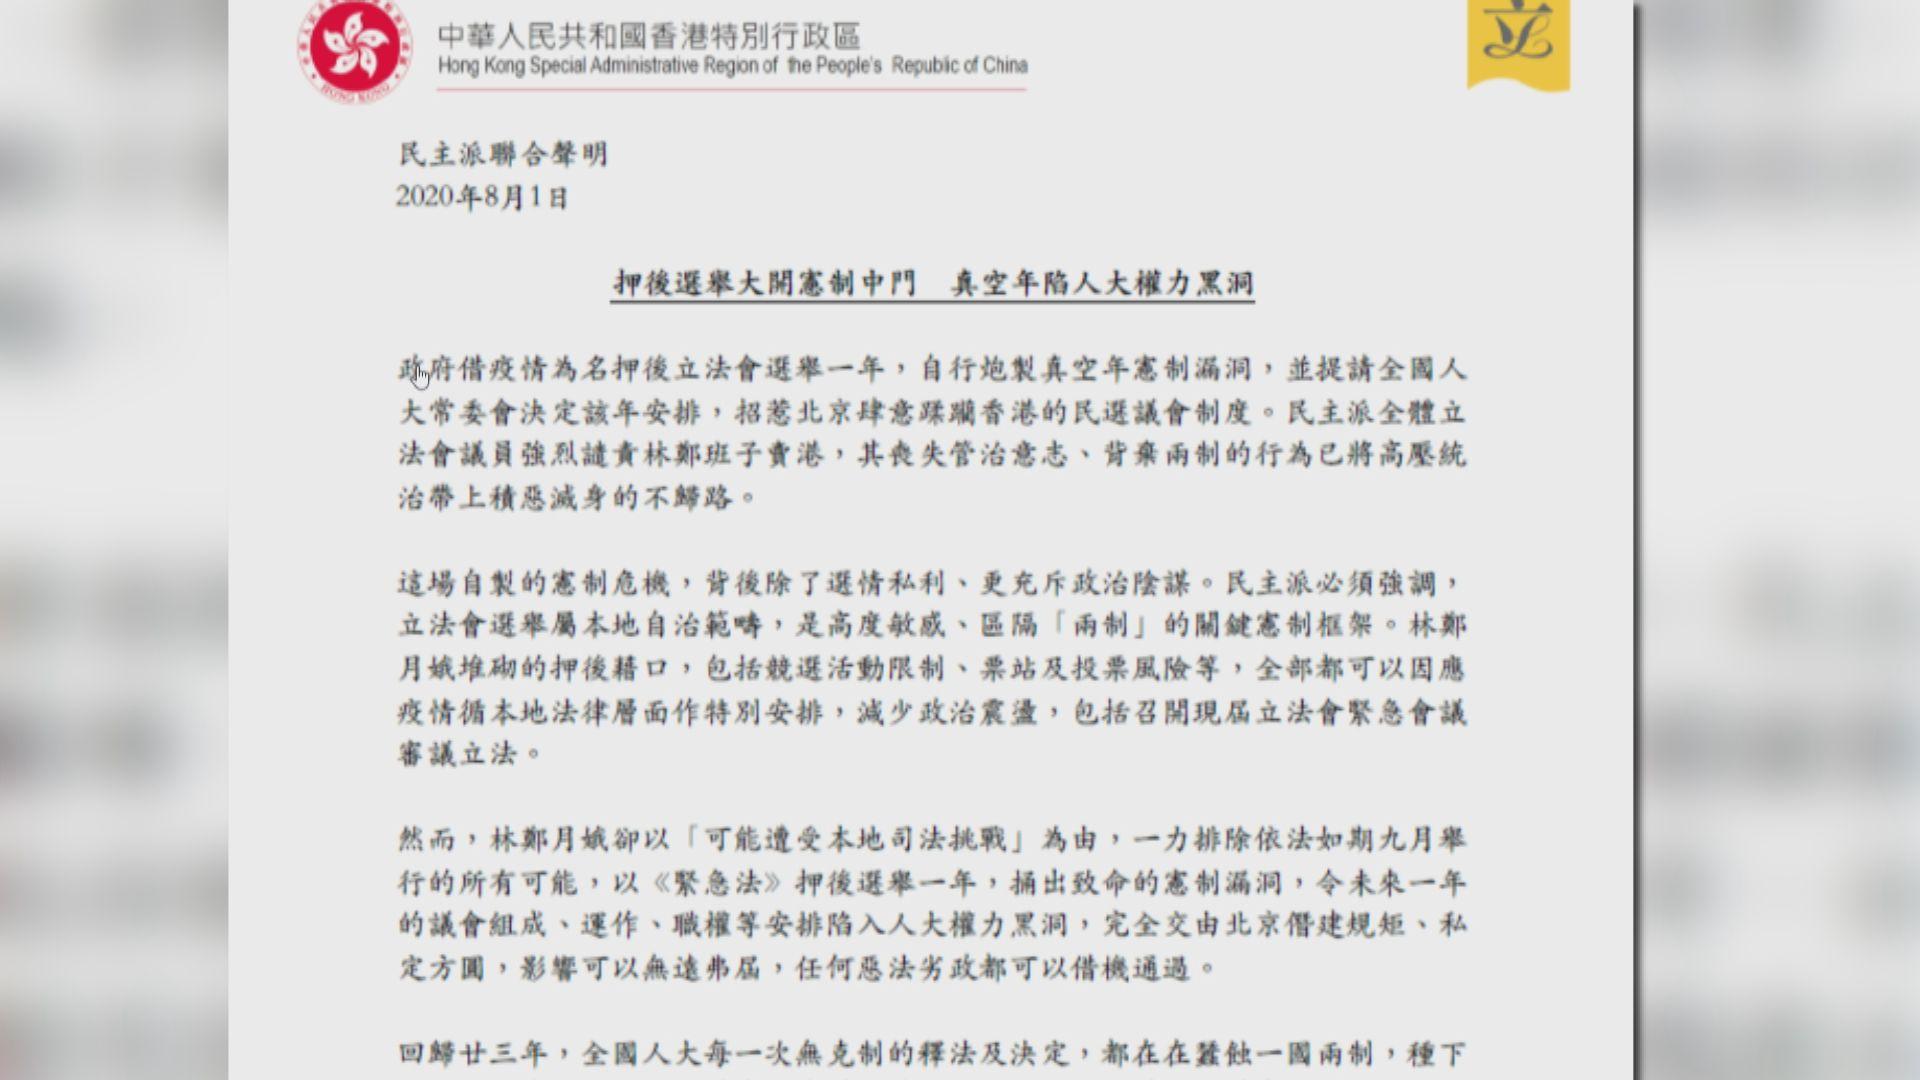 民主派聯合聲明批政府押後選舉製造致命憲制漏洞